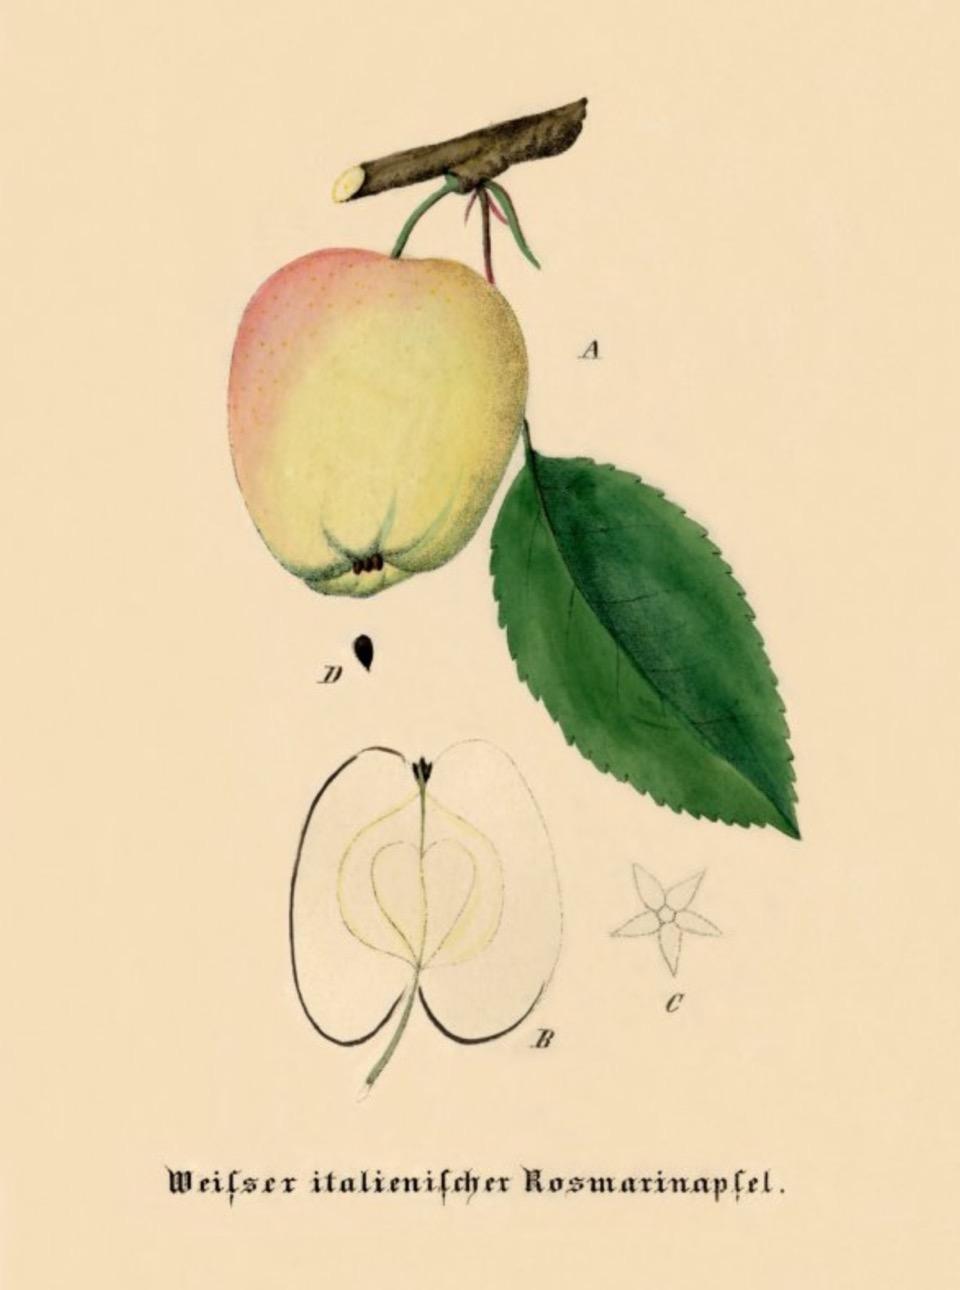 Historische Abbildung eines gelblich-rötlichen am Zweig und eines aufgeschnittenen Apfels; BUND Lemgo